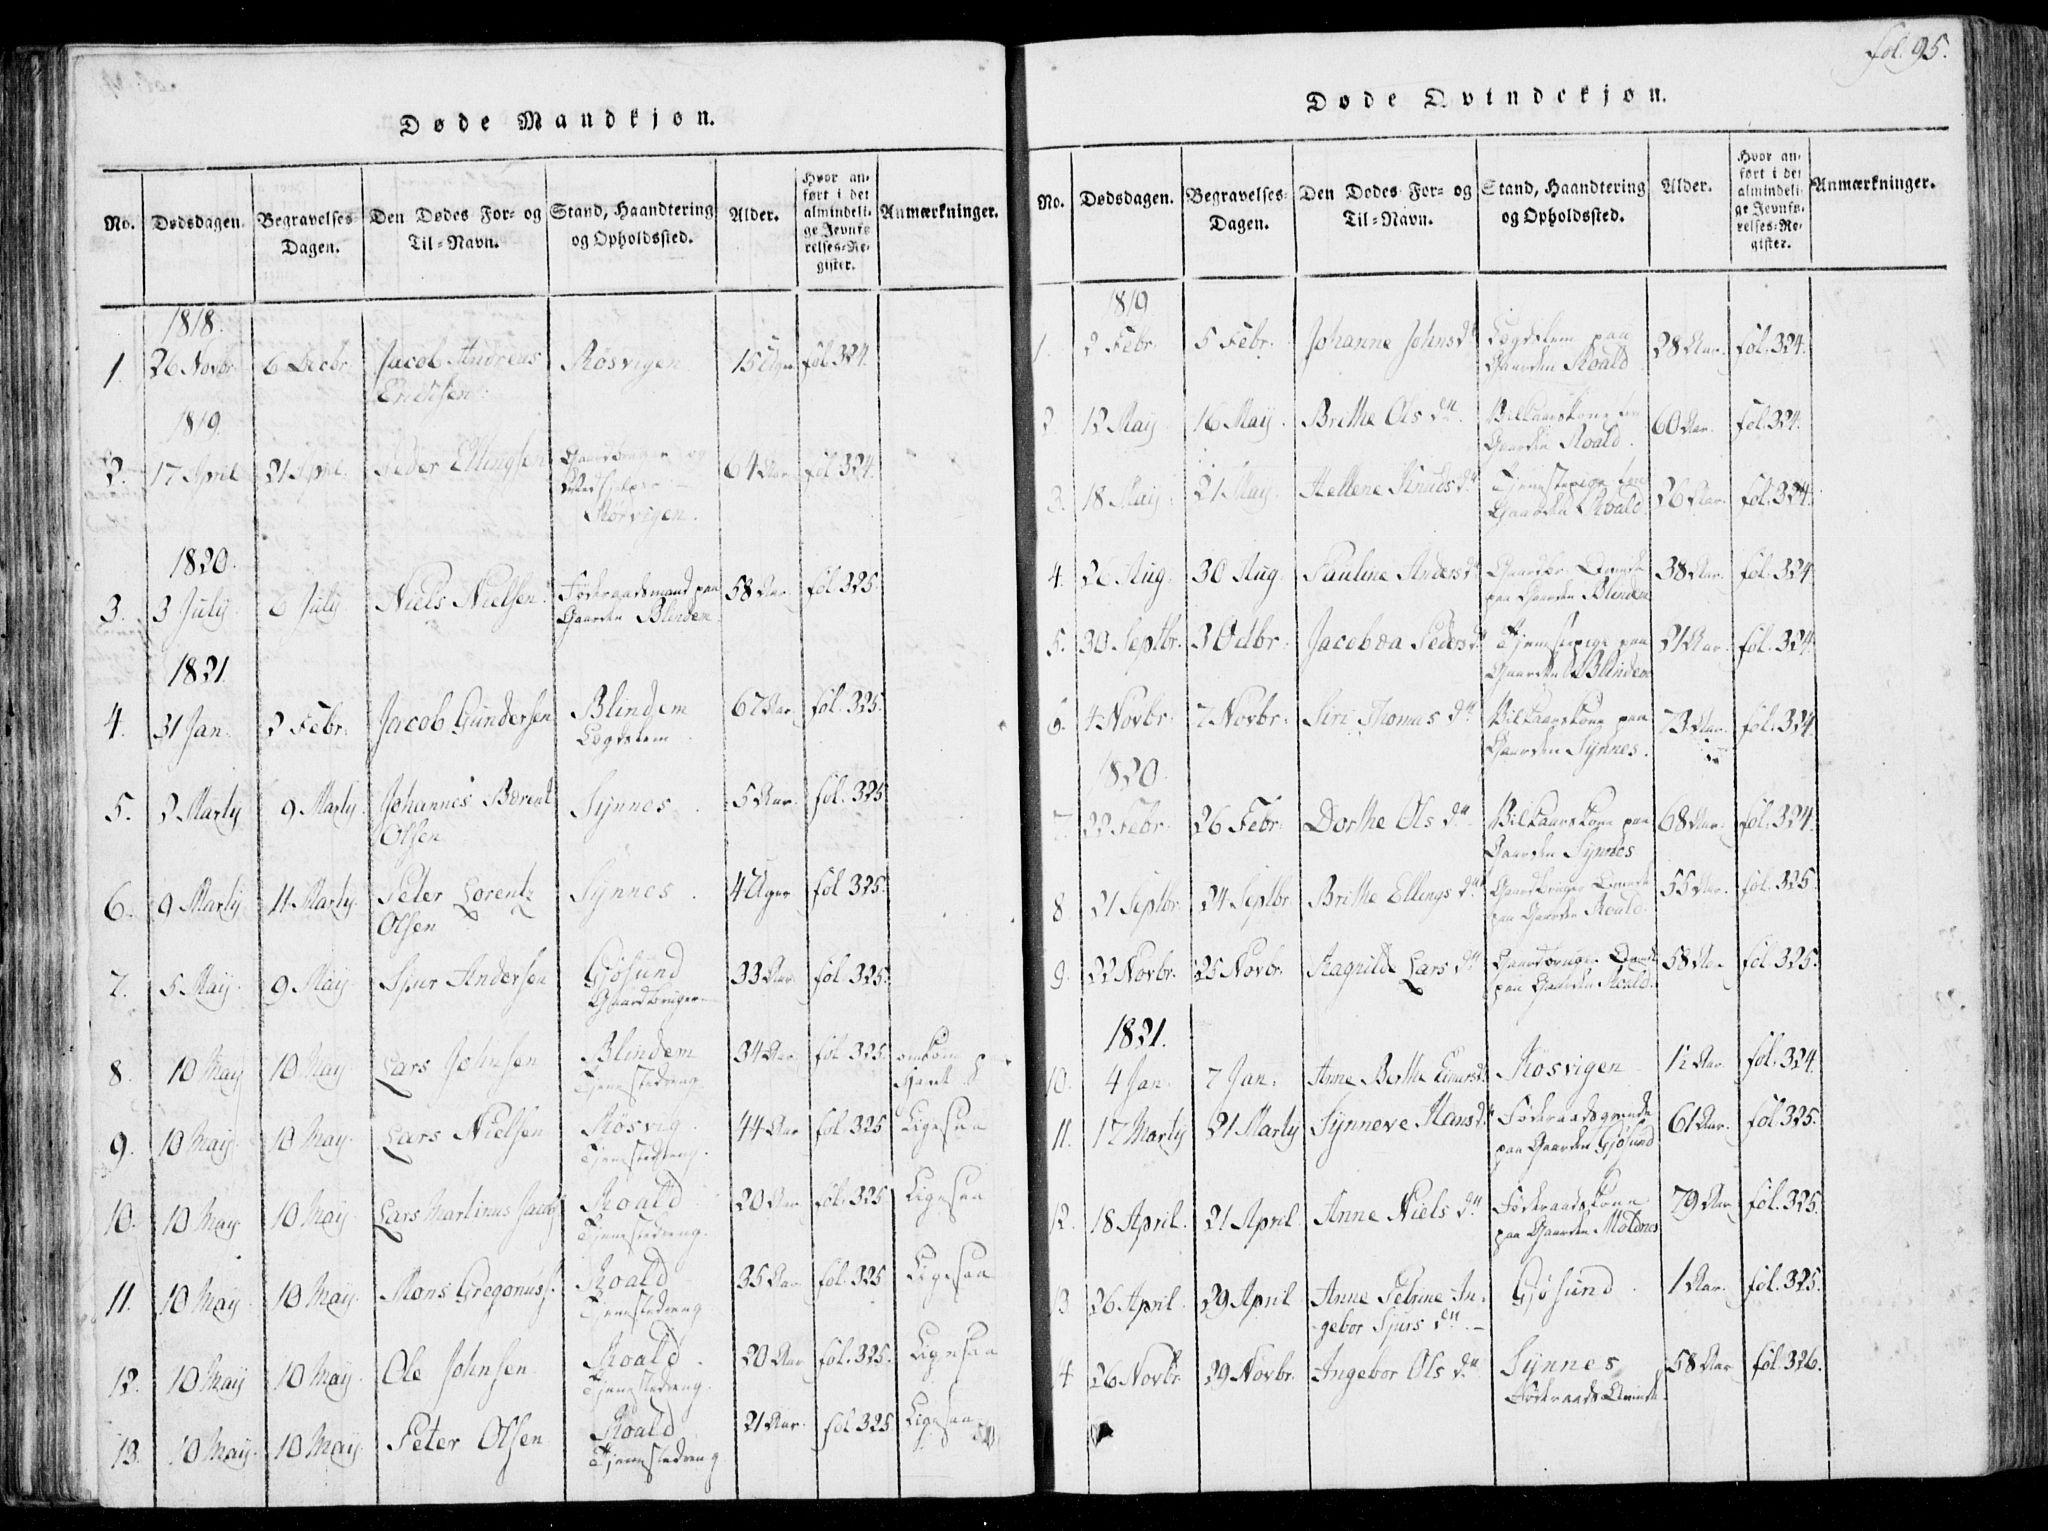 SAT, Ministerialprotokoller, klokkerbøker og fødselsregistre - Møre og Romsdal, 537/L0517: Ministerialbok nr. 537A01, 1818-1862, s. 95